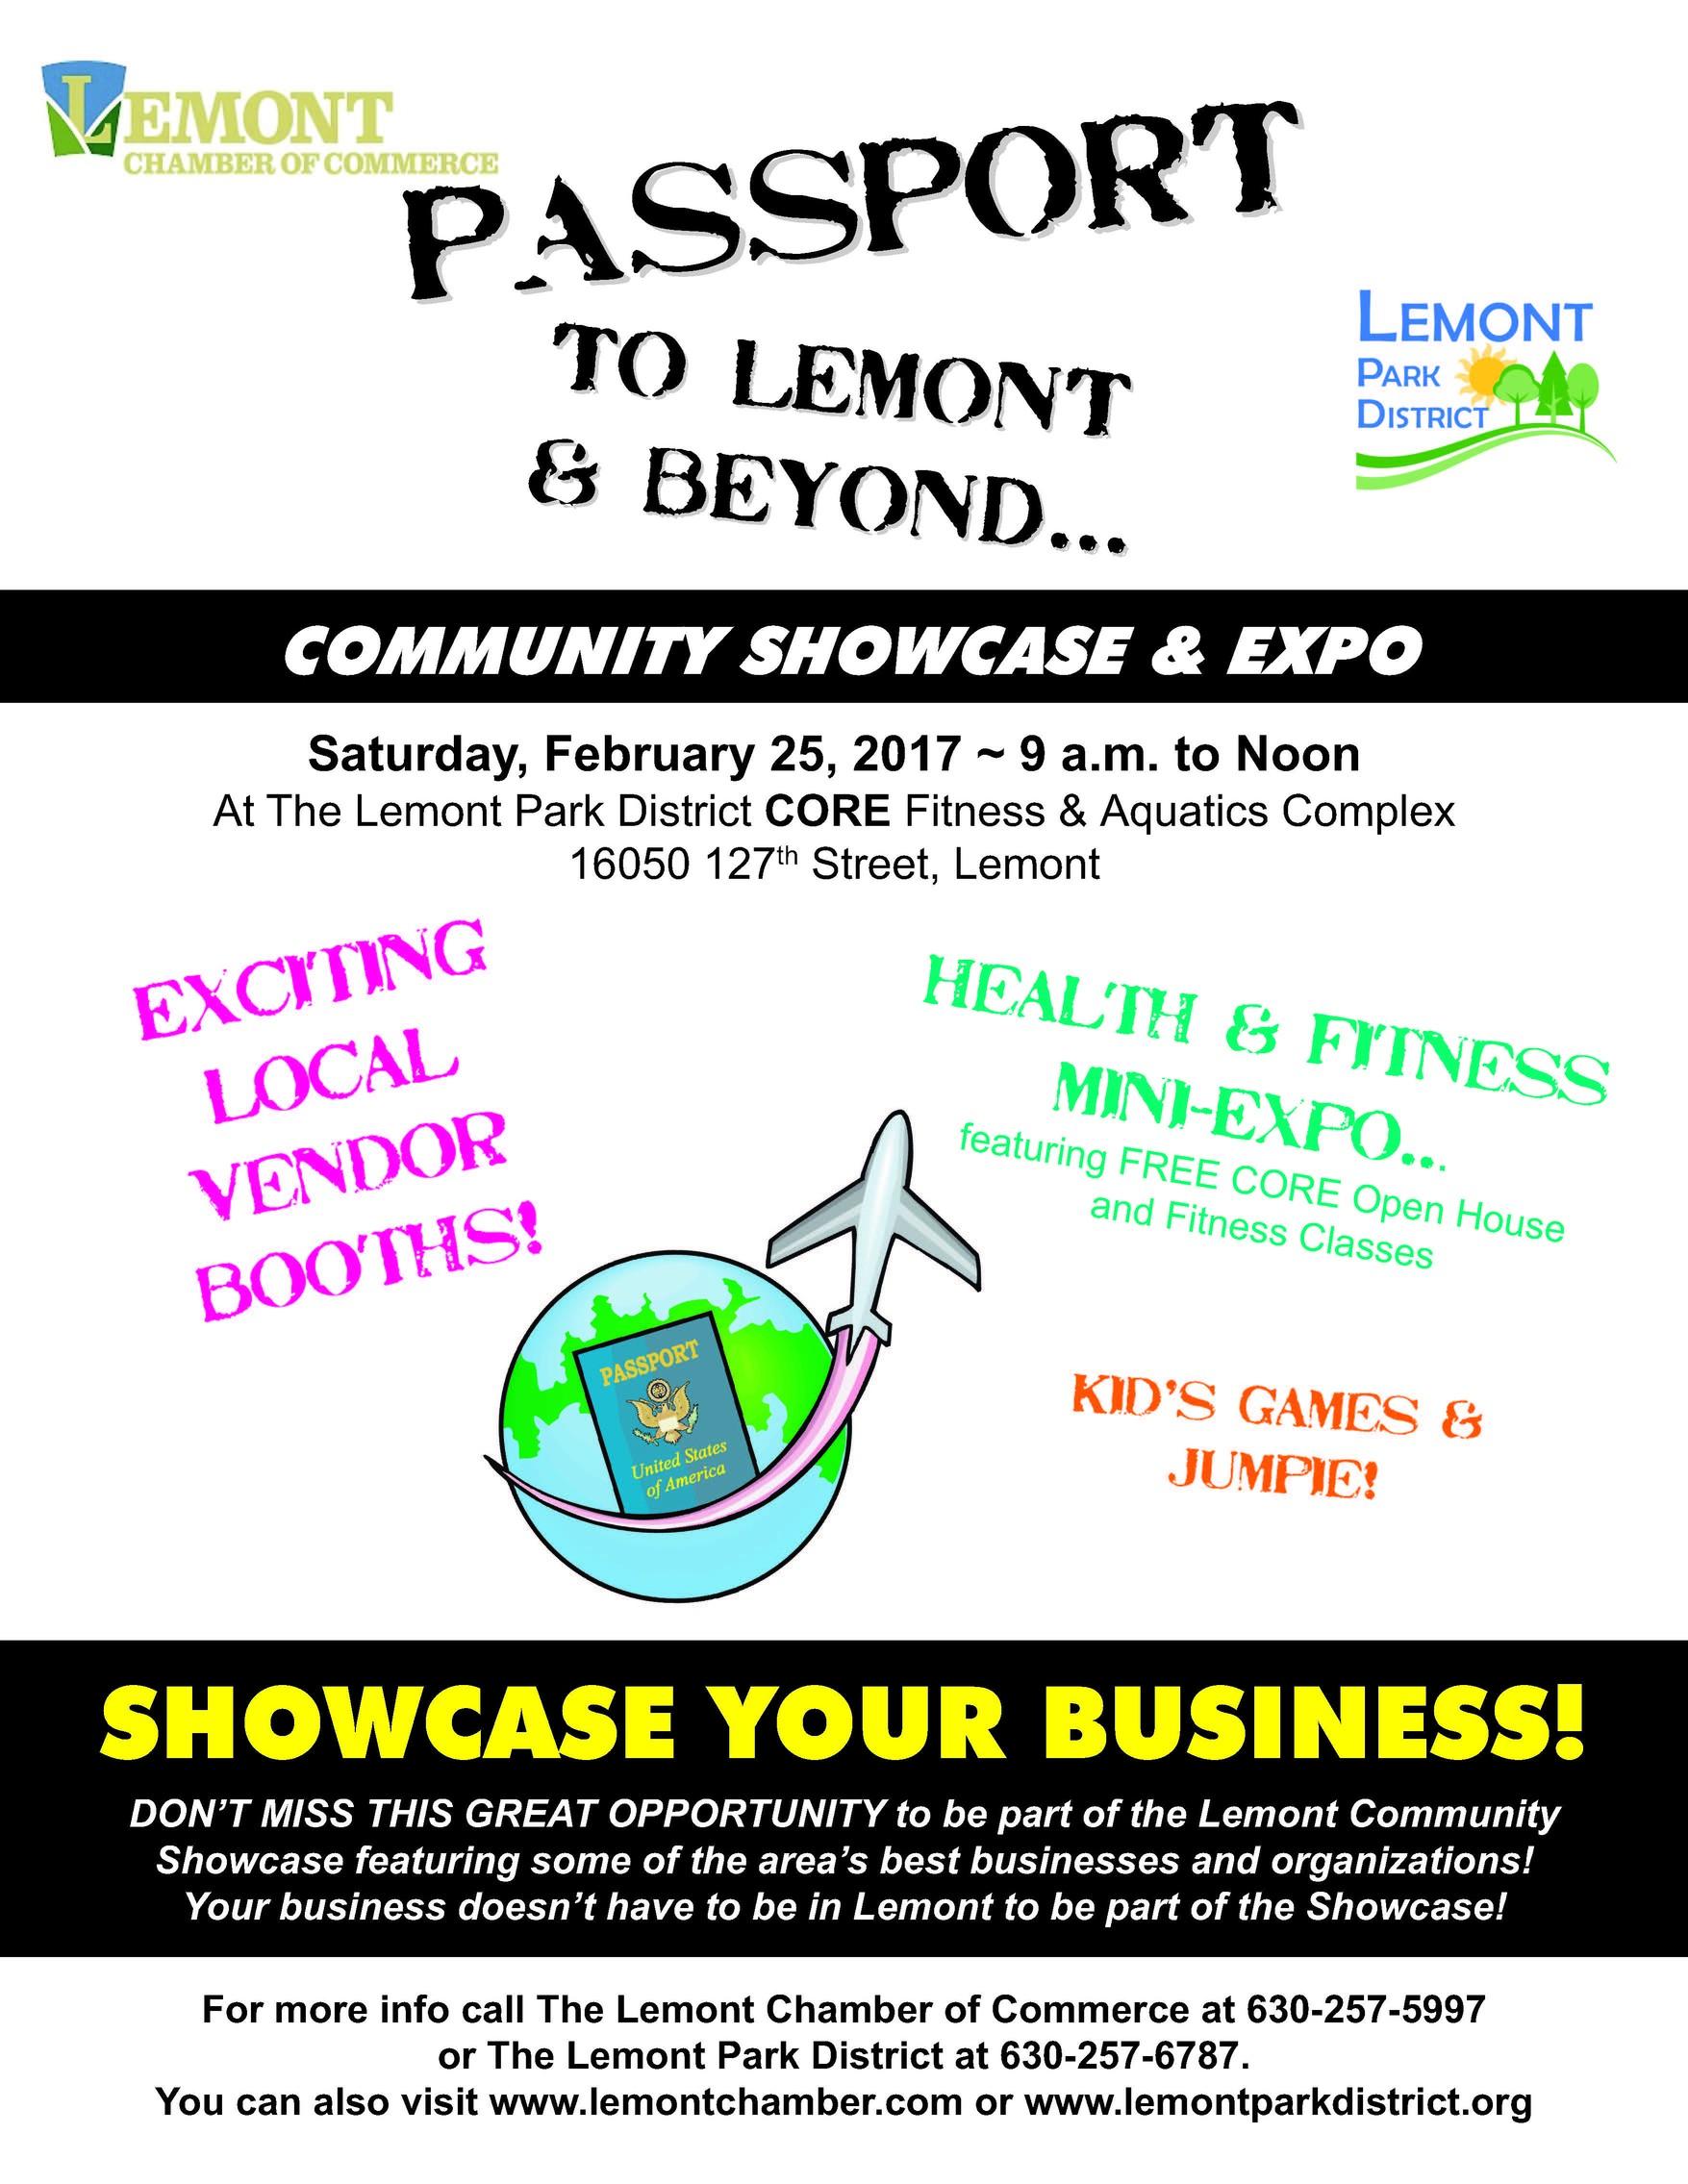 Lemont-Community-Showcase-Vendor-Flyer-2017-w1598.jpg